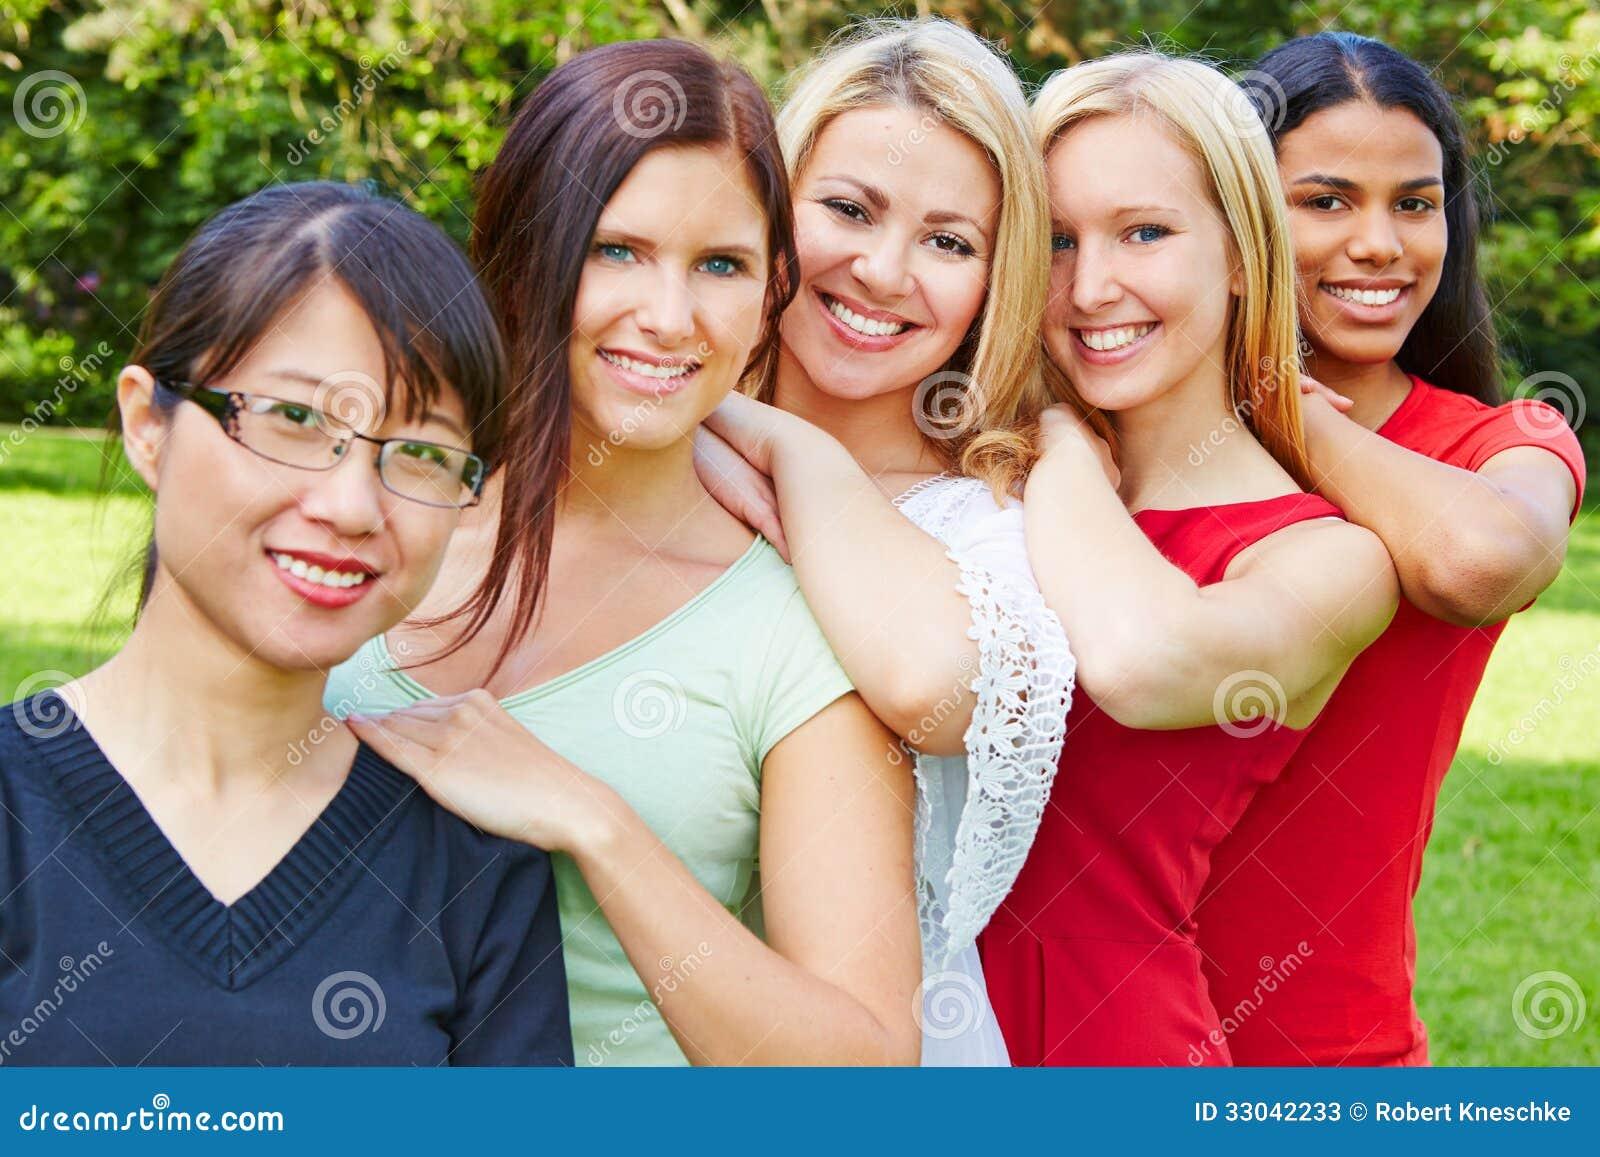 Equipo De Baloncesto De Las Mujeres Imagen De Archivo: Equipo De Mujeres Felices En Naturaleza Fotos De Archivo